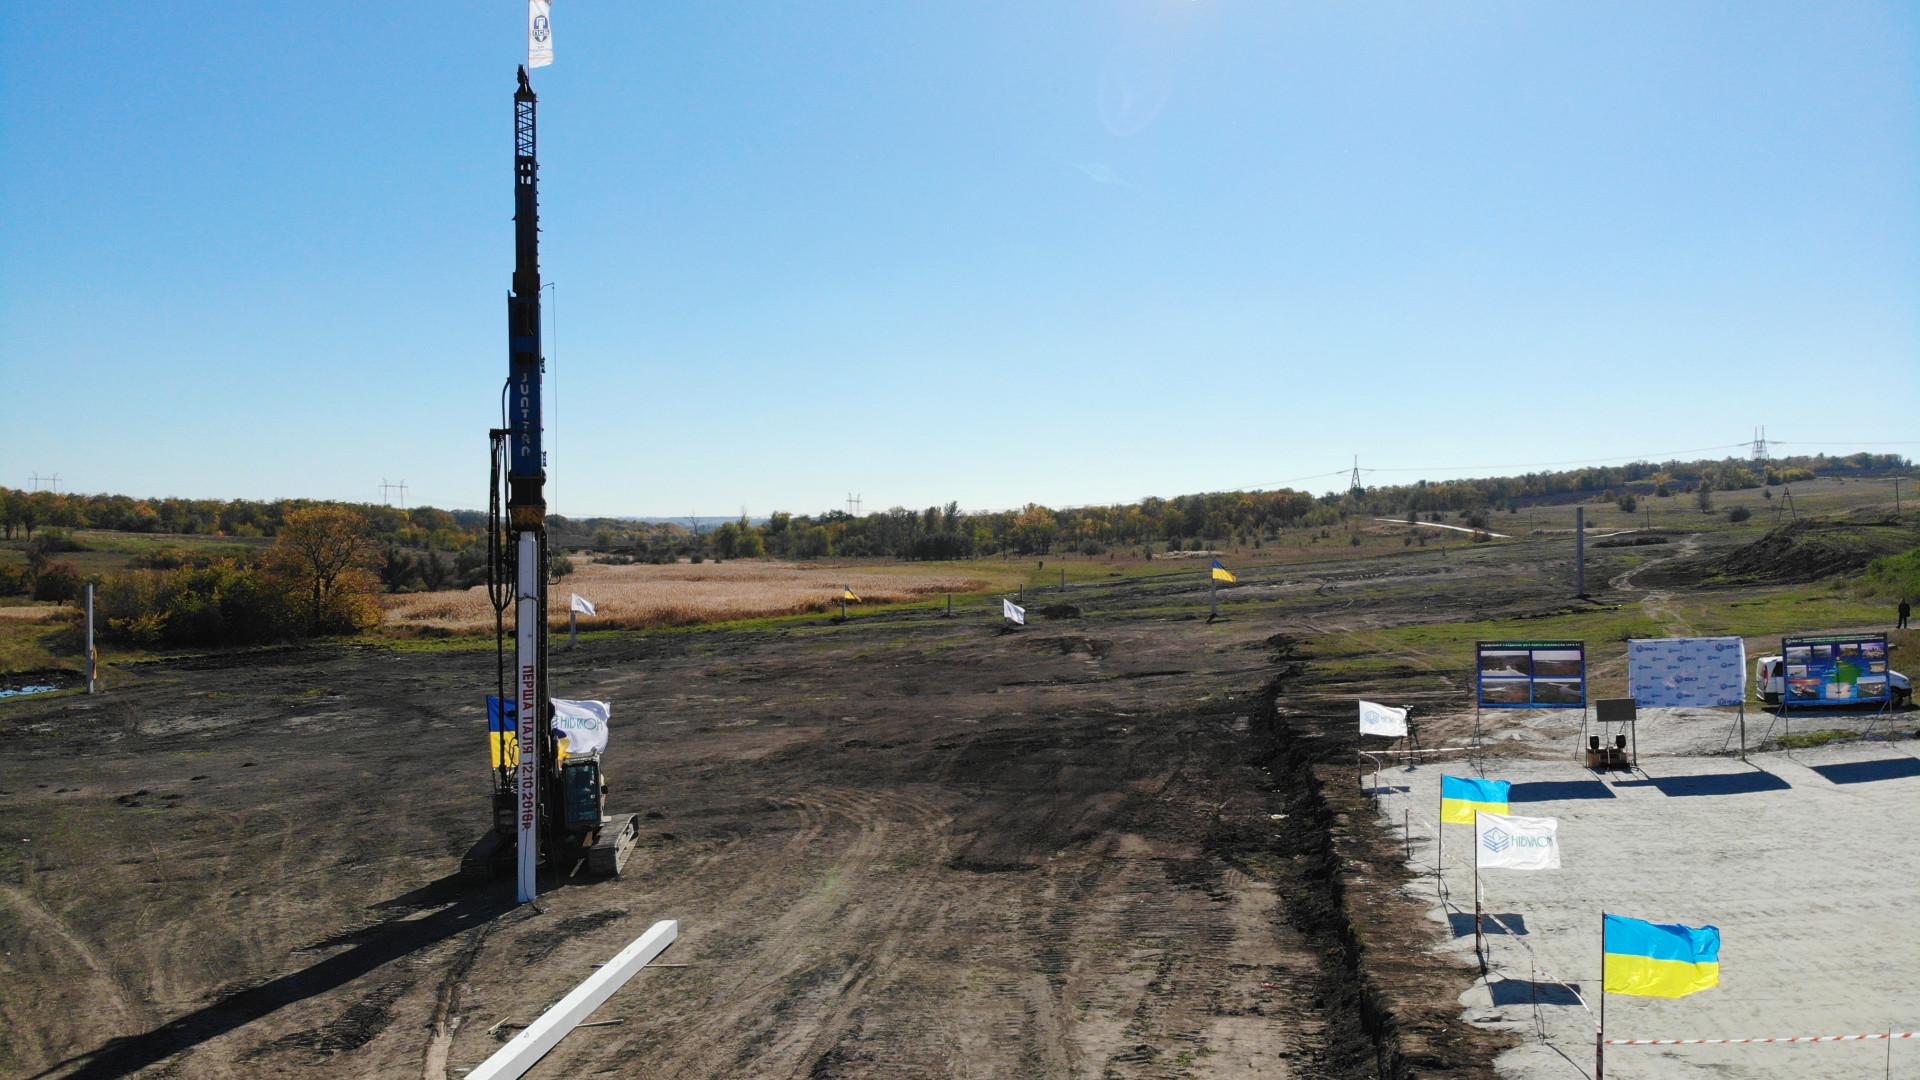 «НІБУЛОН» за допомогою телемосту запустив будівництво річкового термінала – з інвестфоруму в Запоріжжі